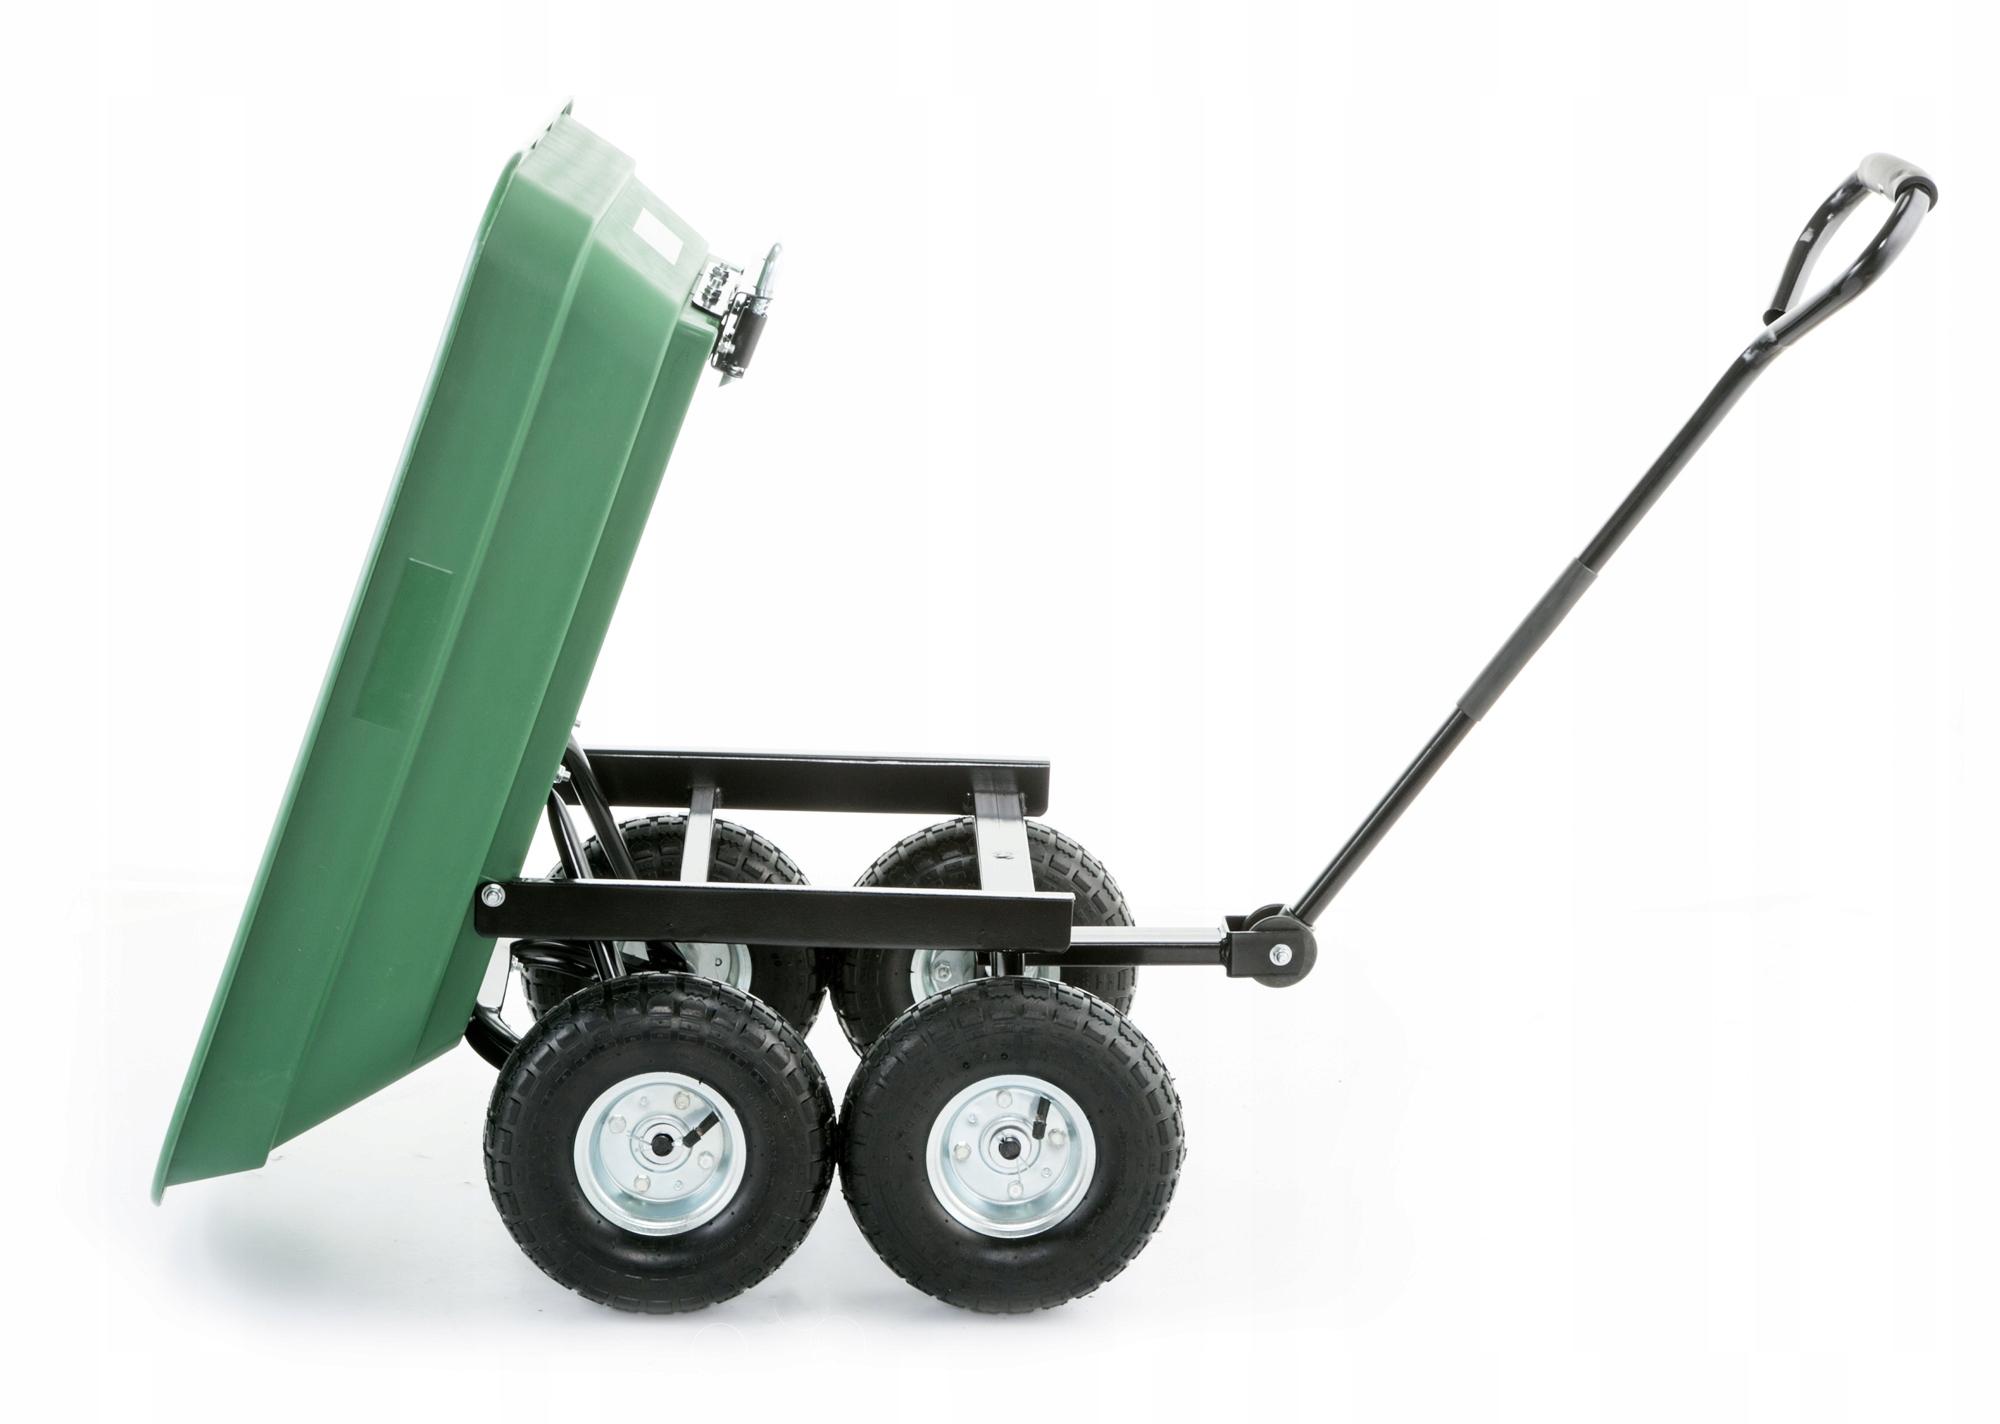 Taczka wózek ogrodowy transportowy wywrotka 350kg Kod produktu Przyczepka ogrodowa wózek z misą z tworzywa HIGHER